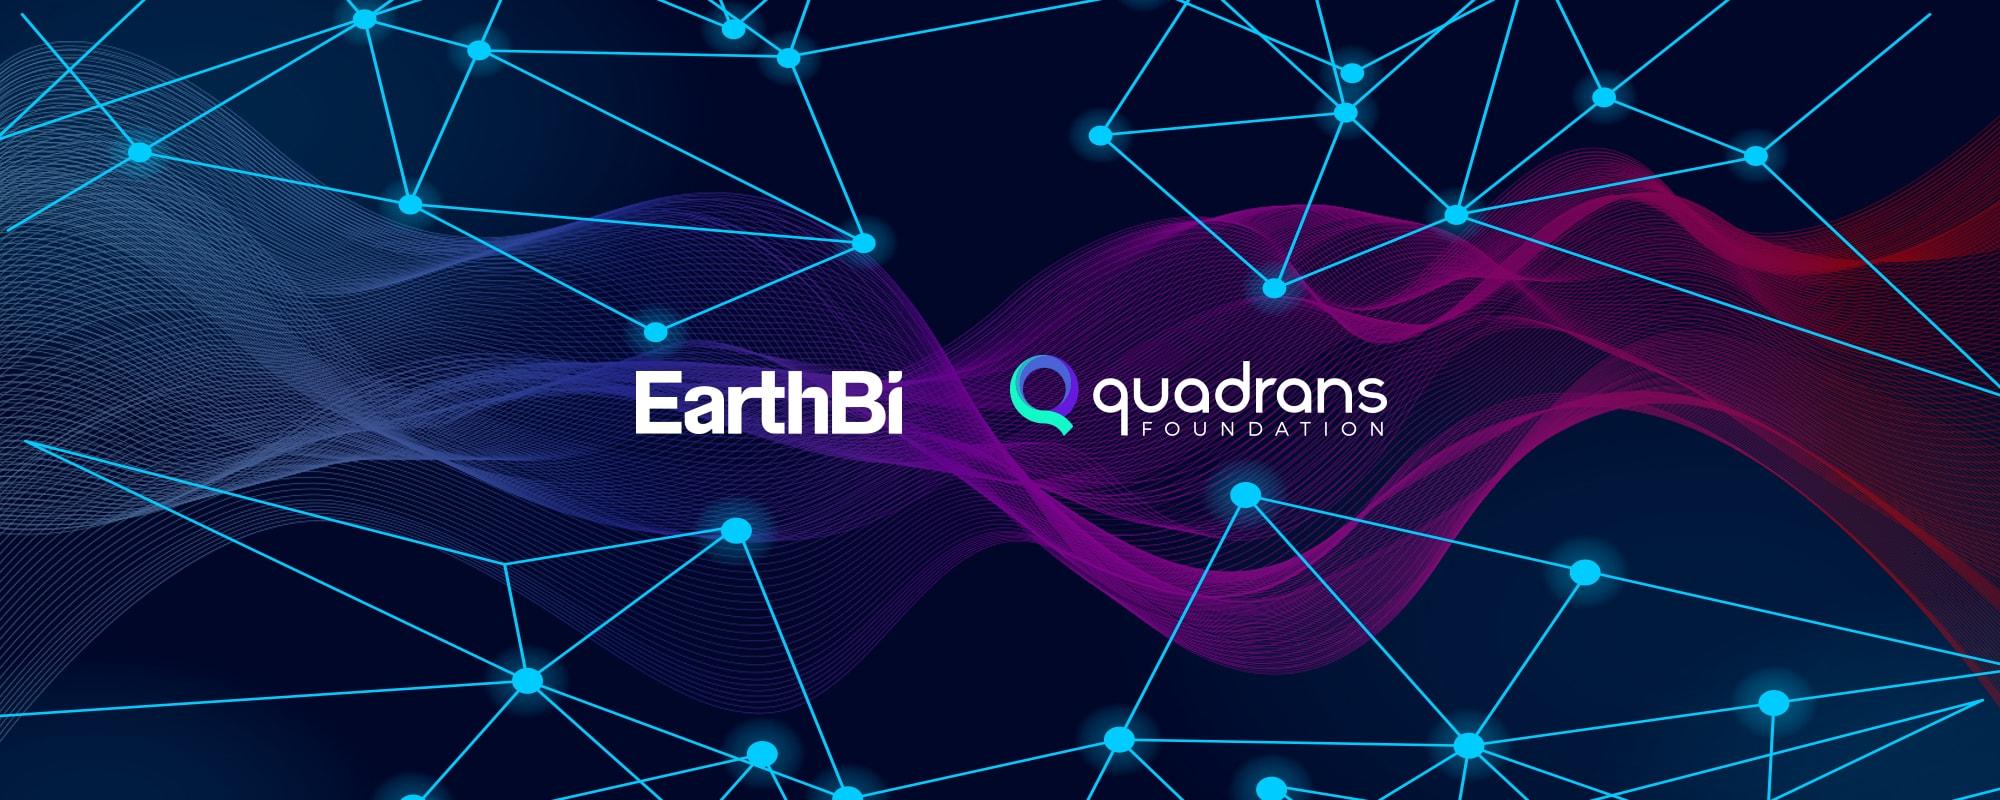 earthbi quadrans partnership